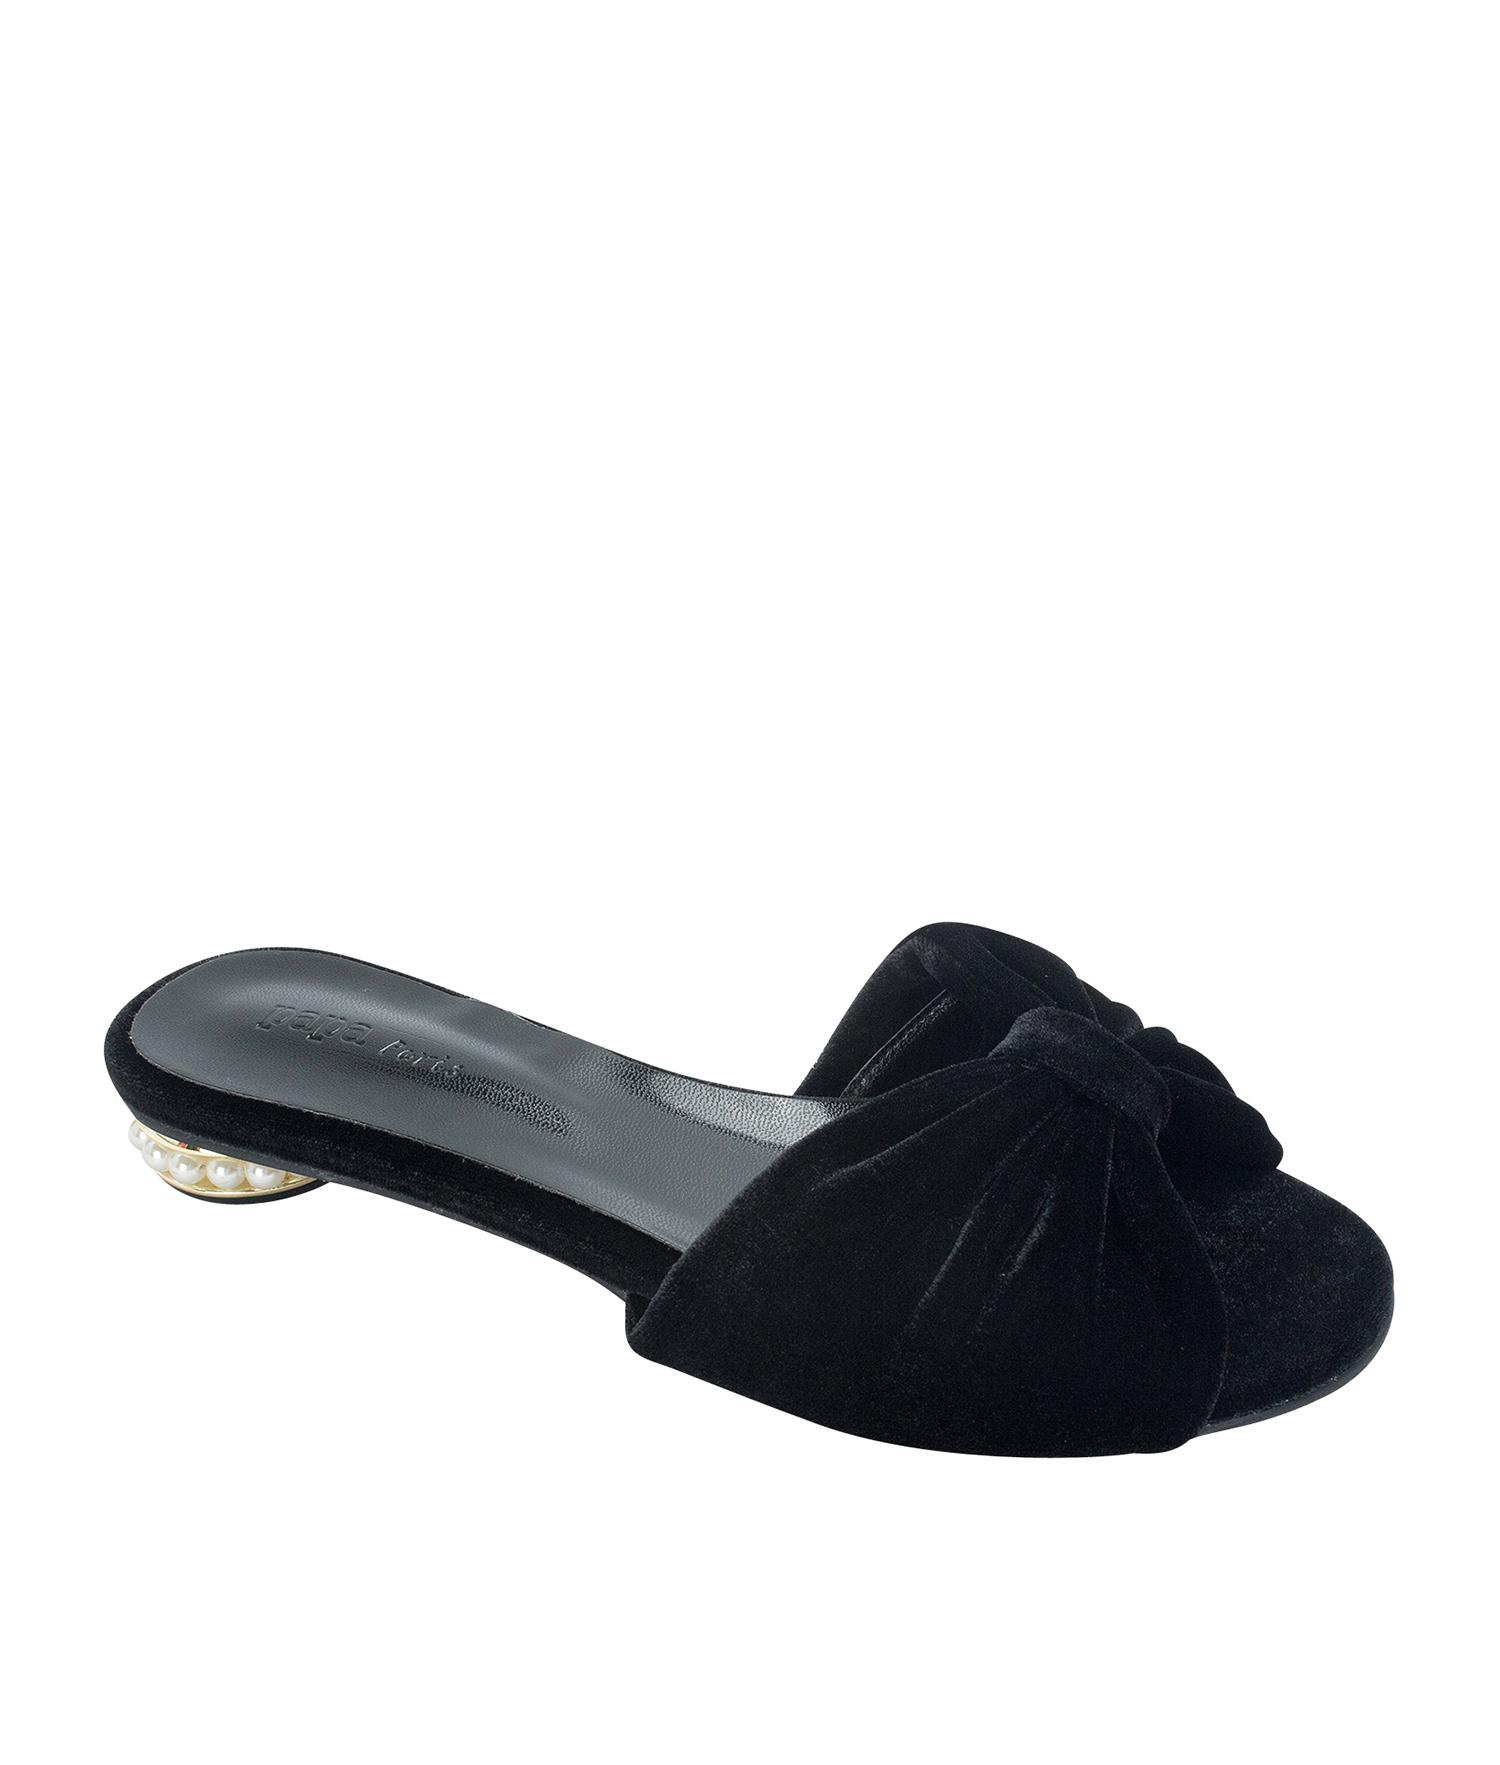 a6884f389608 AnnaKastle Womens Faux Pearl Heel Velvet Bow Slides Black